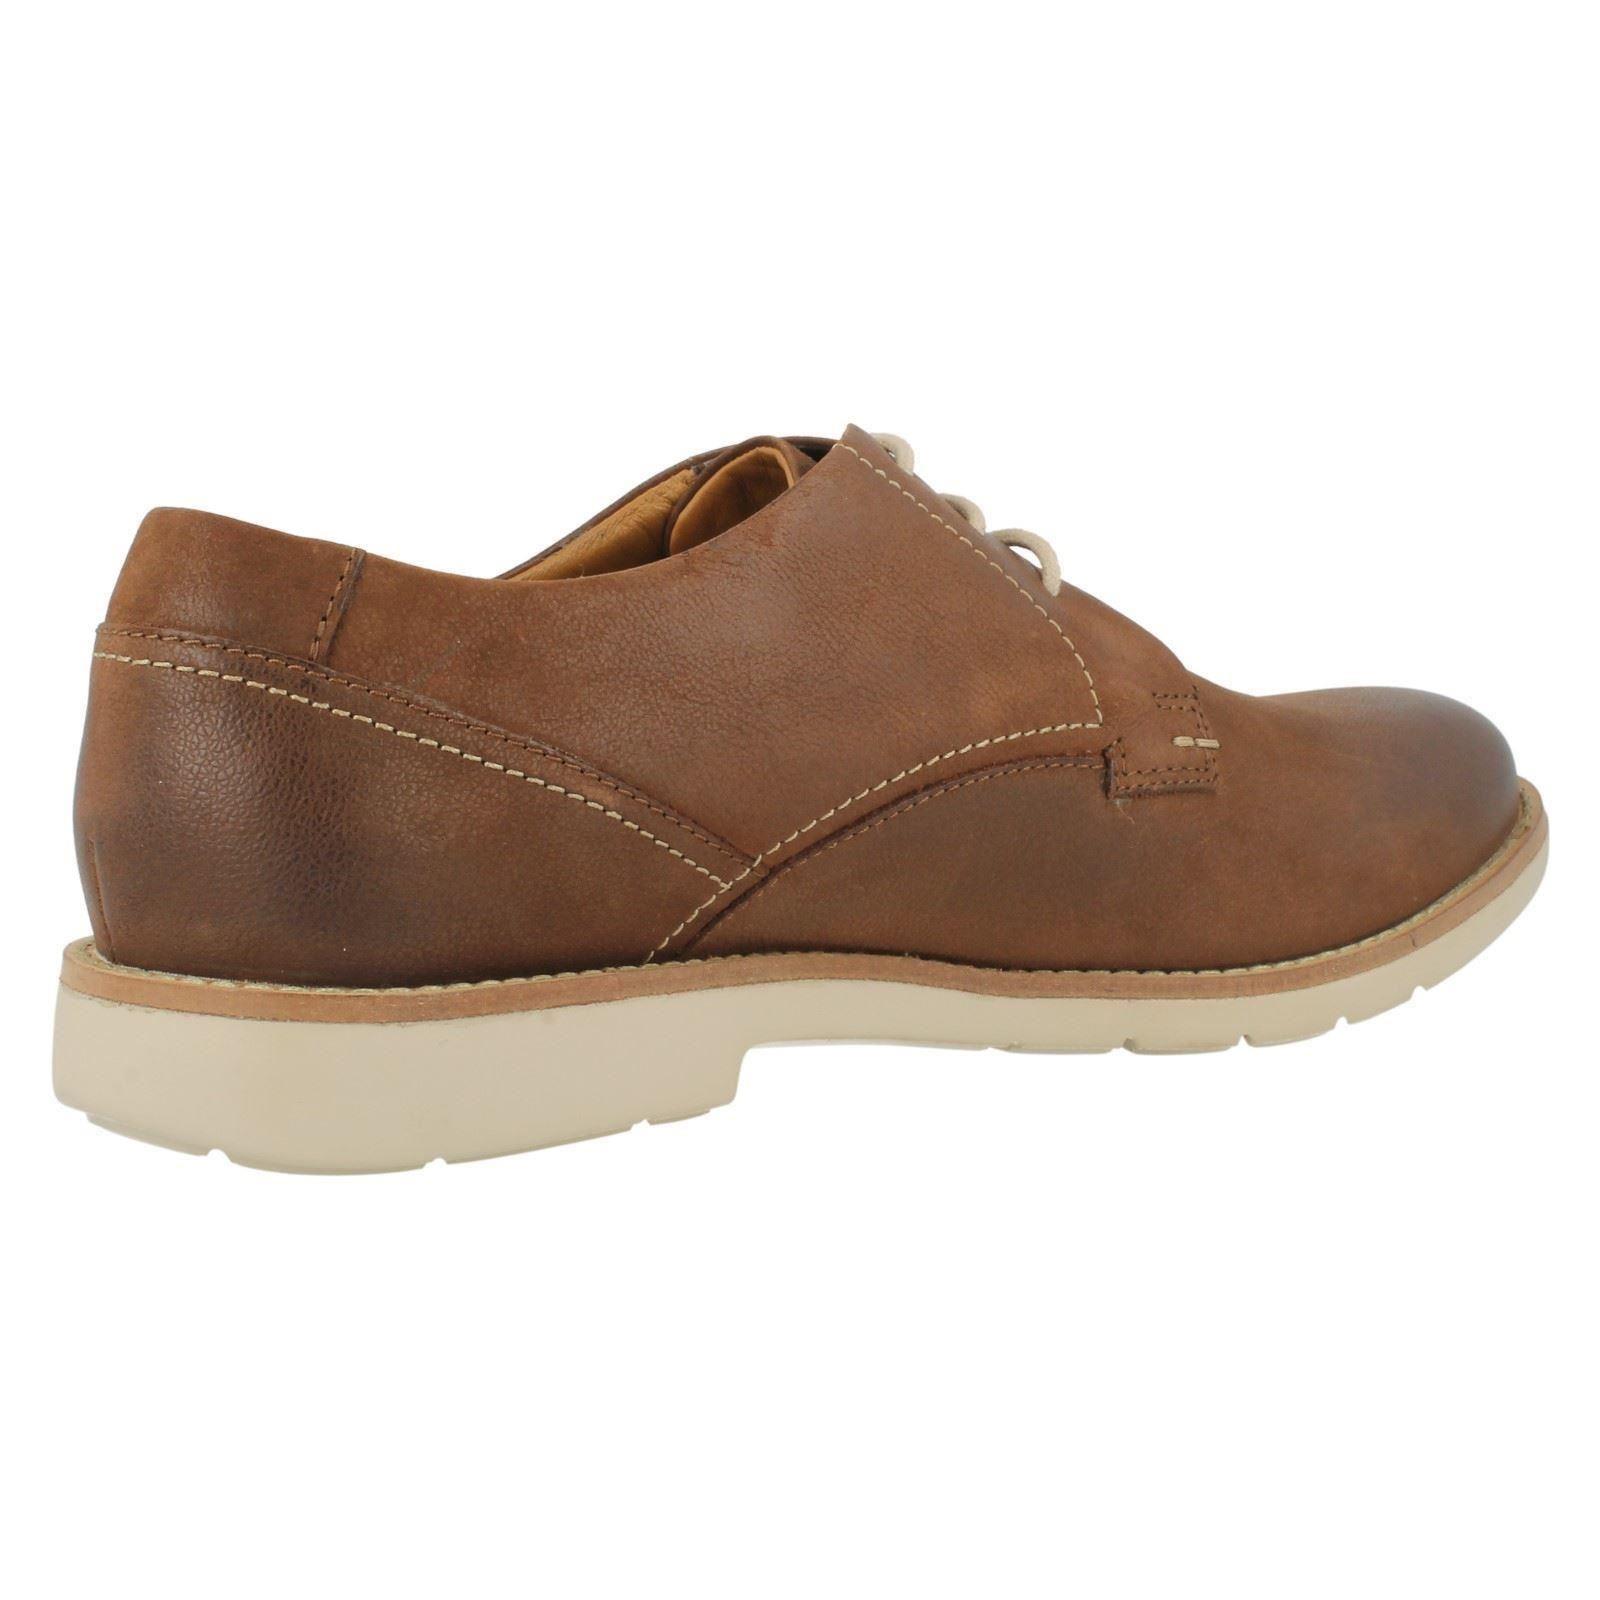 Zapatos informales Para Hombres Clarks /'Raspin Plan/'